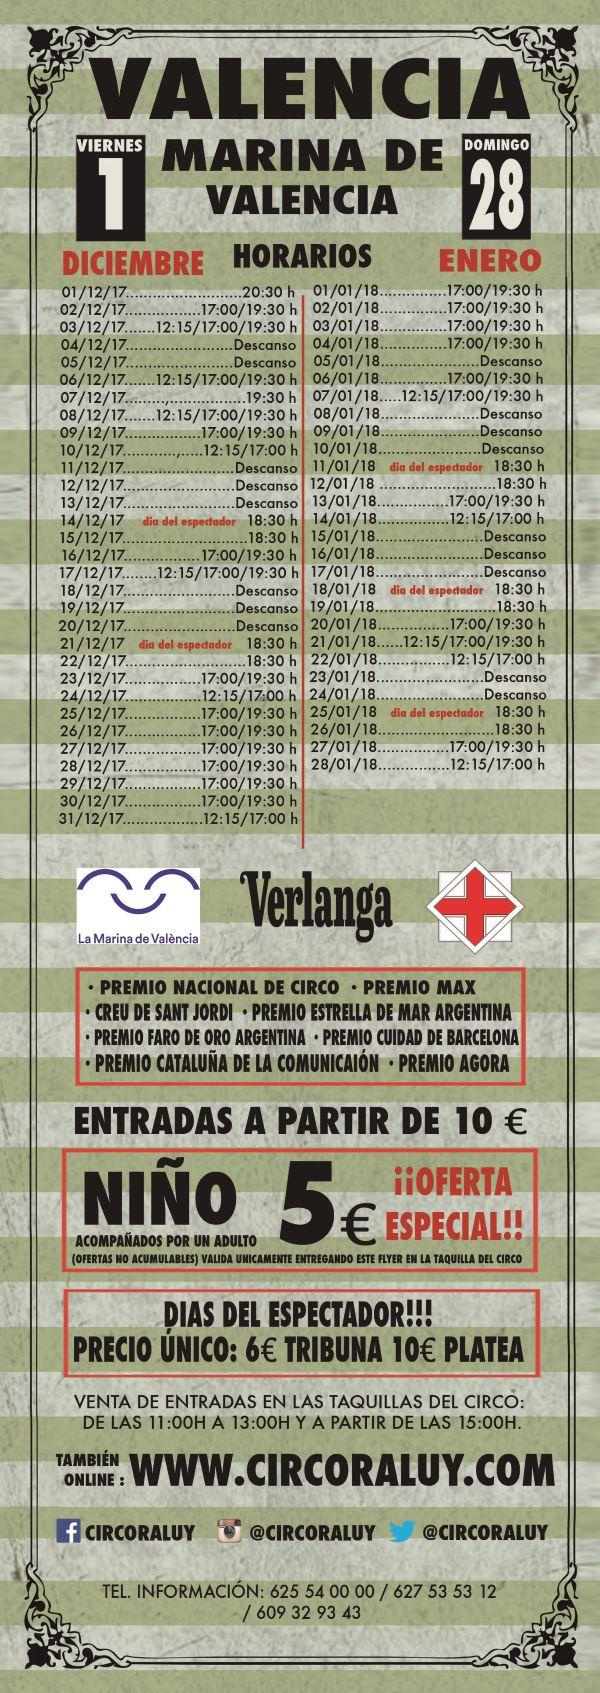 Horarios del Circo en Valencia 2017-2018